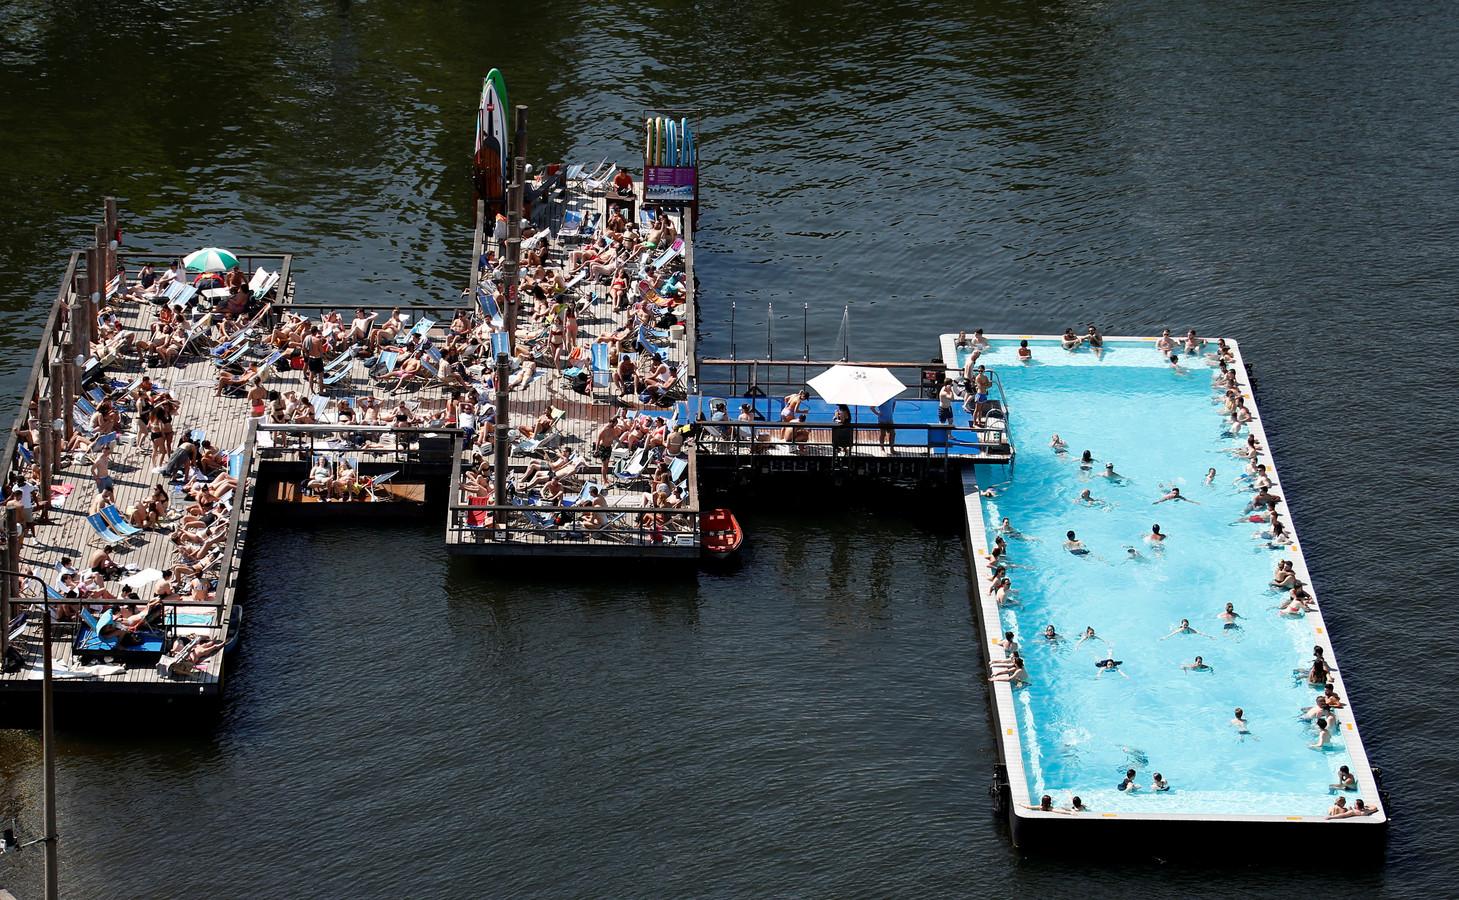 Het drijvende zwembad in de Spree in Berlijn.